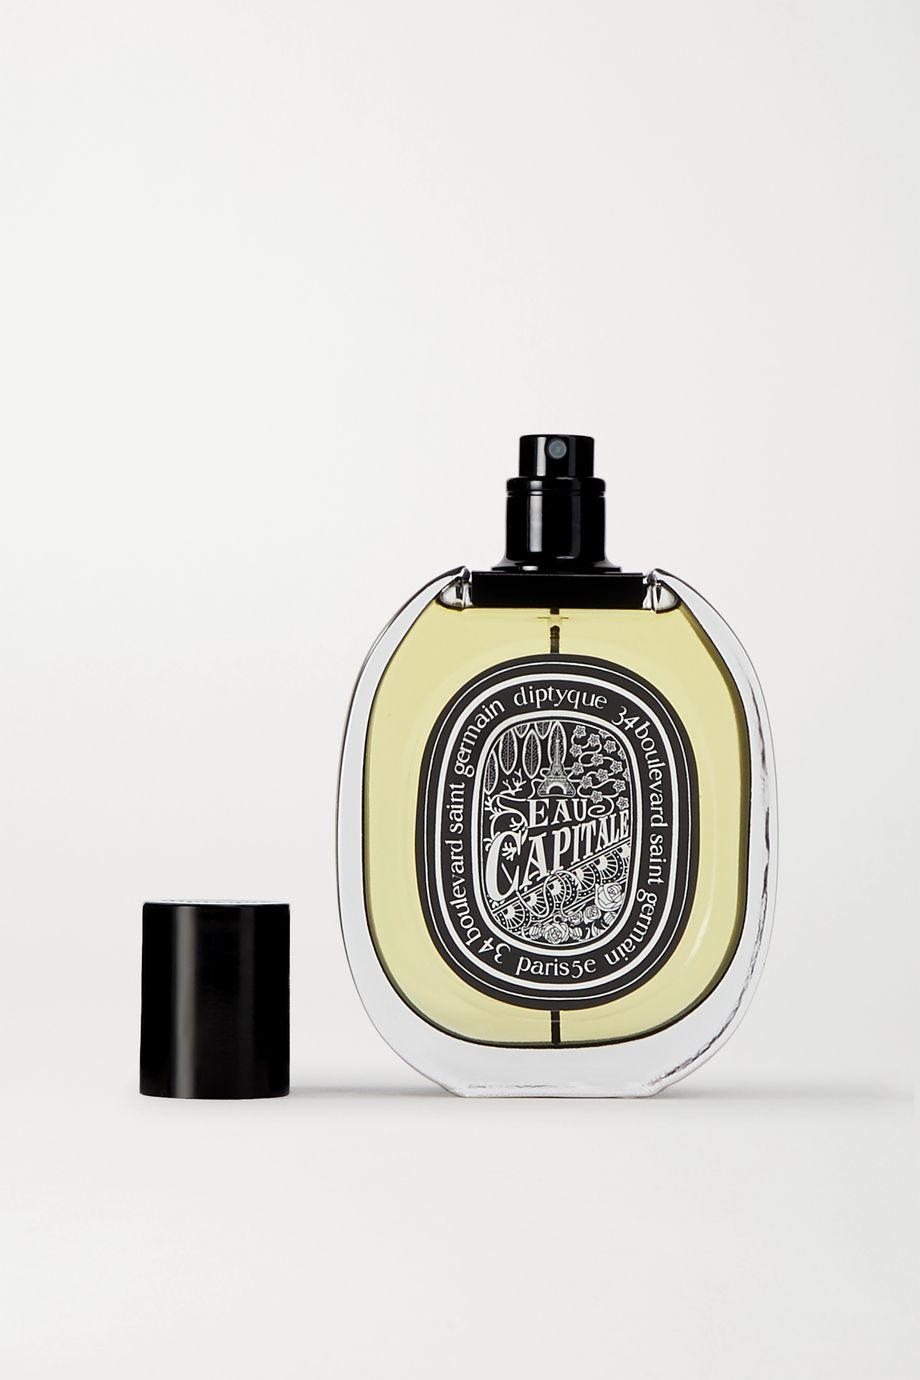 Diptyque Eau de Parfum - Eau Capitale, 75ml